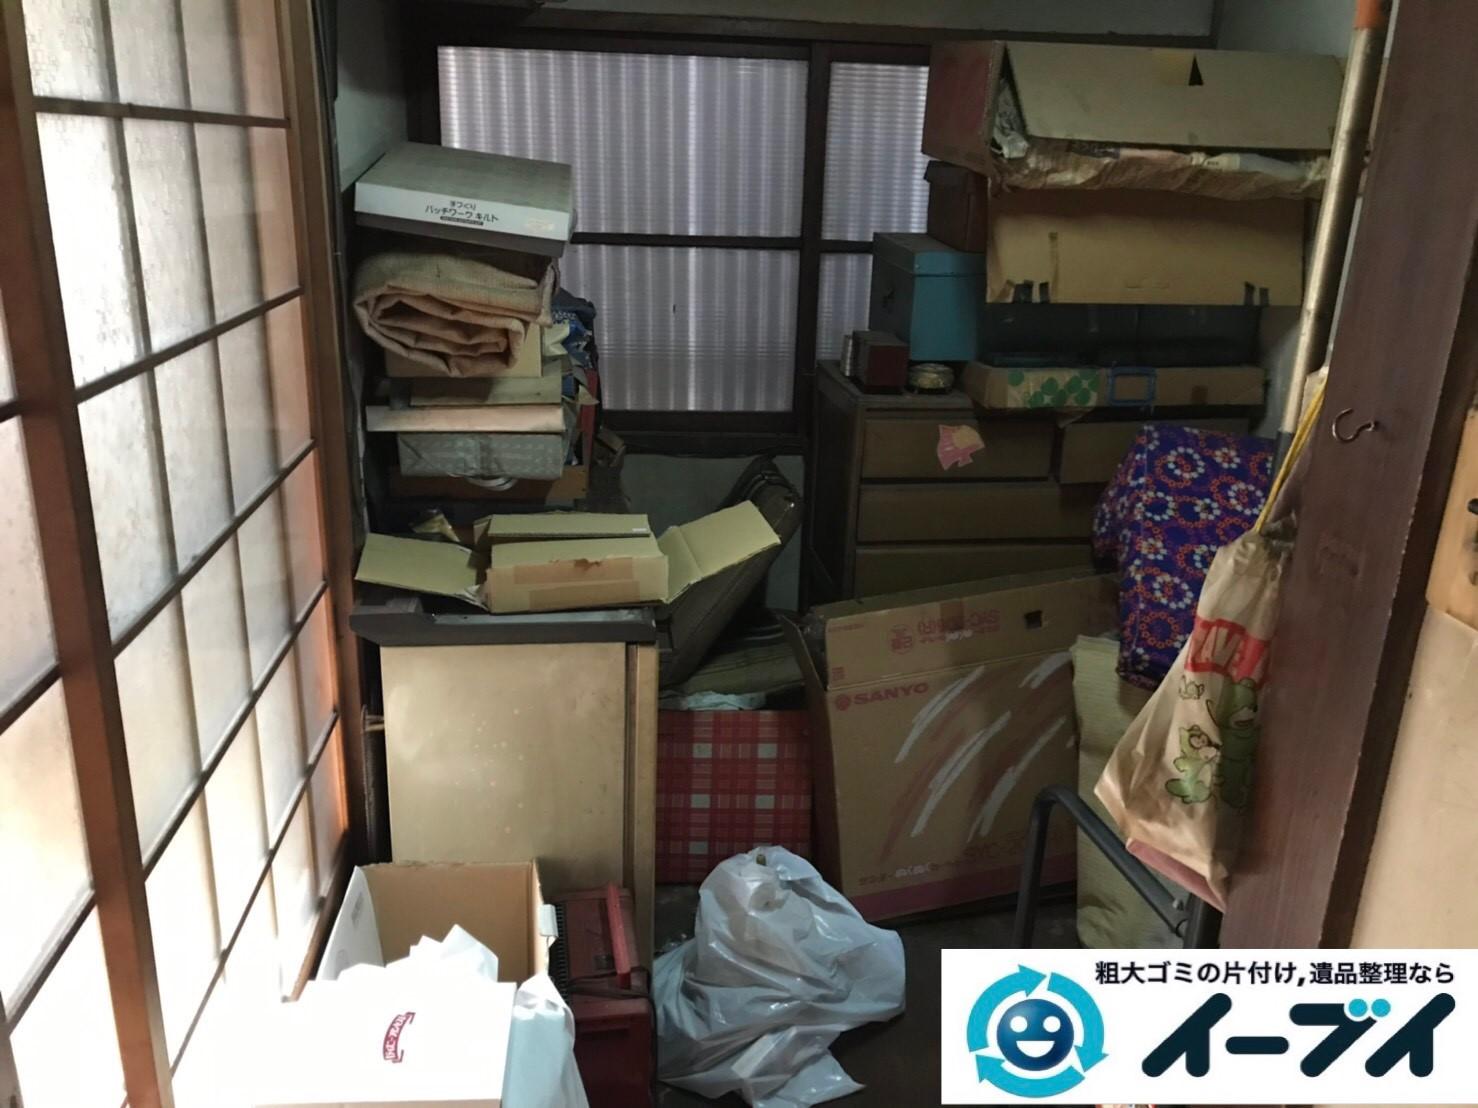 2019年8月14日大阪府大阪市天王寺区で引越しに伴いお家の不用品を回収させていただきました。写真13